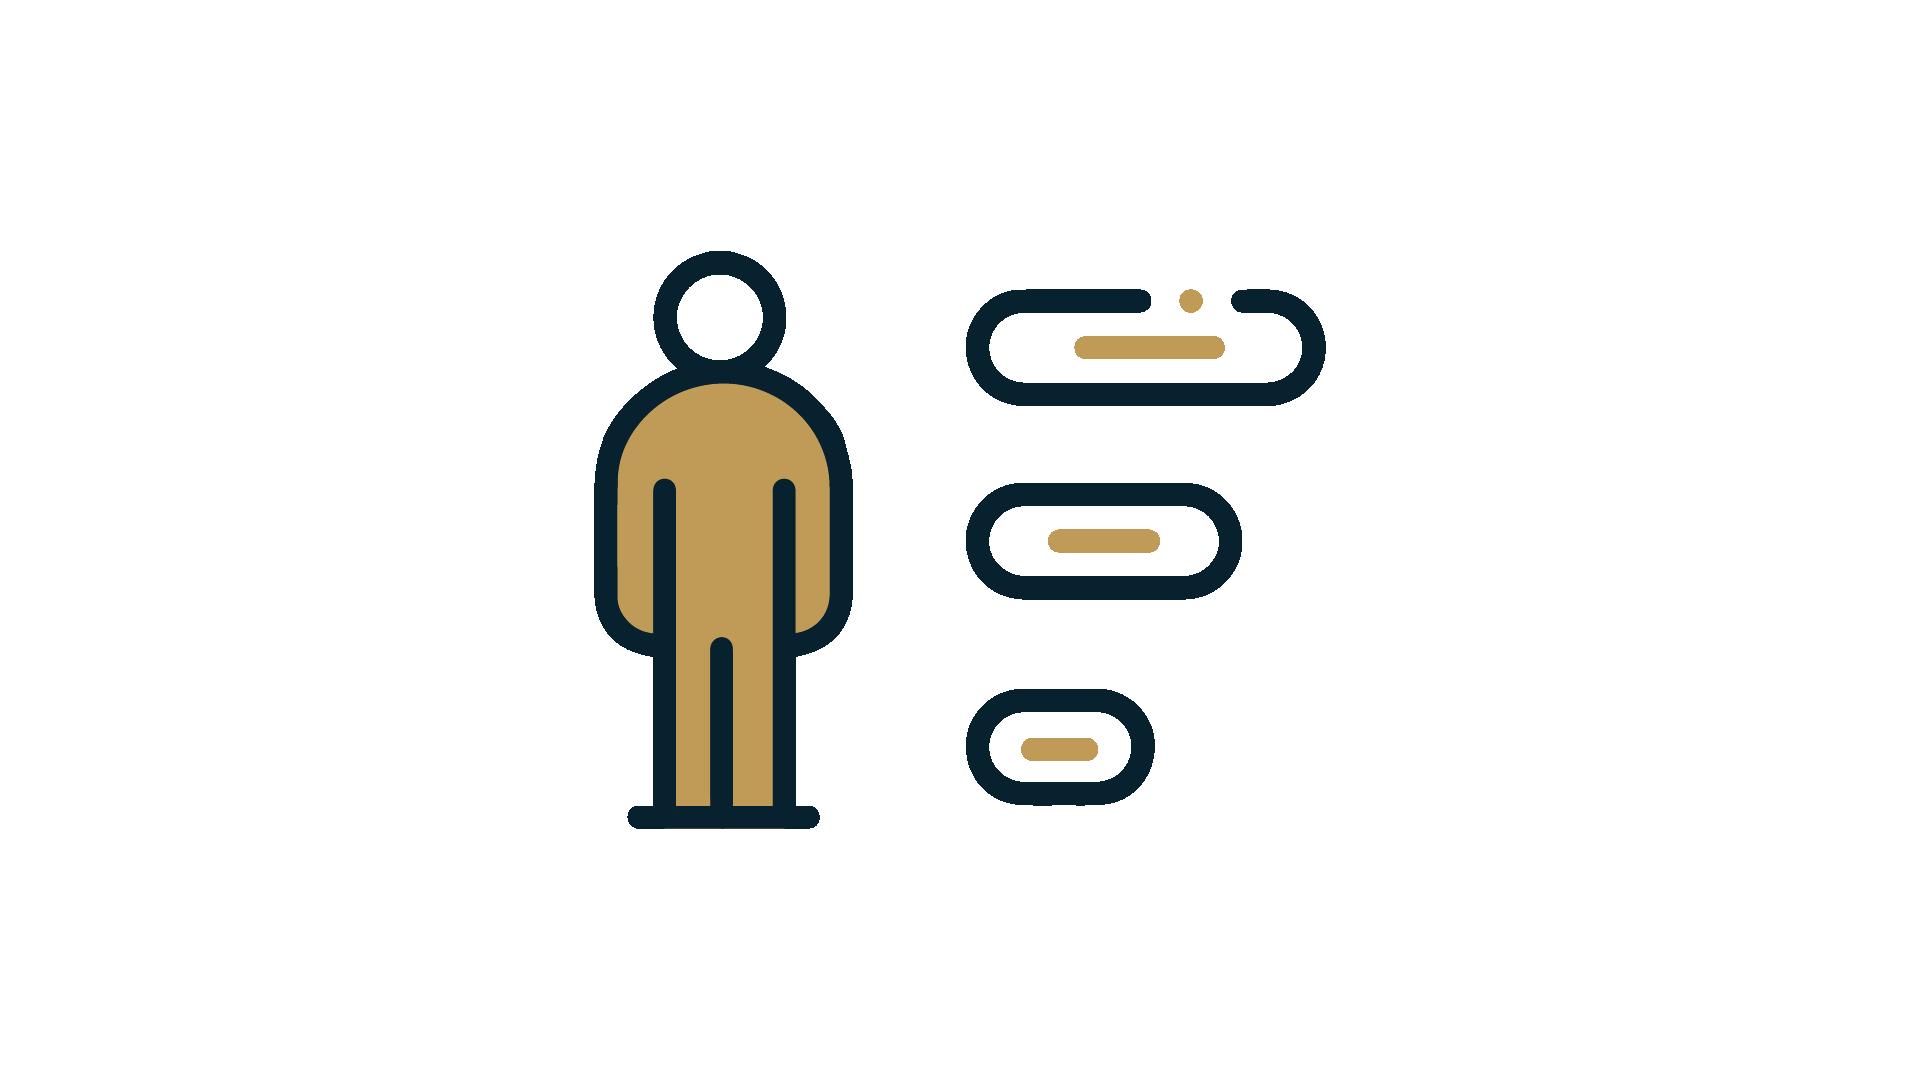 03. ÉVALUER - eRHGo évalue qualitativement le potentiel de chaque candidat afin d'accompagner vos décisions de recrutement et faciliter l'intégration de vos nouveaux collaborateurs.